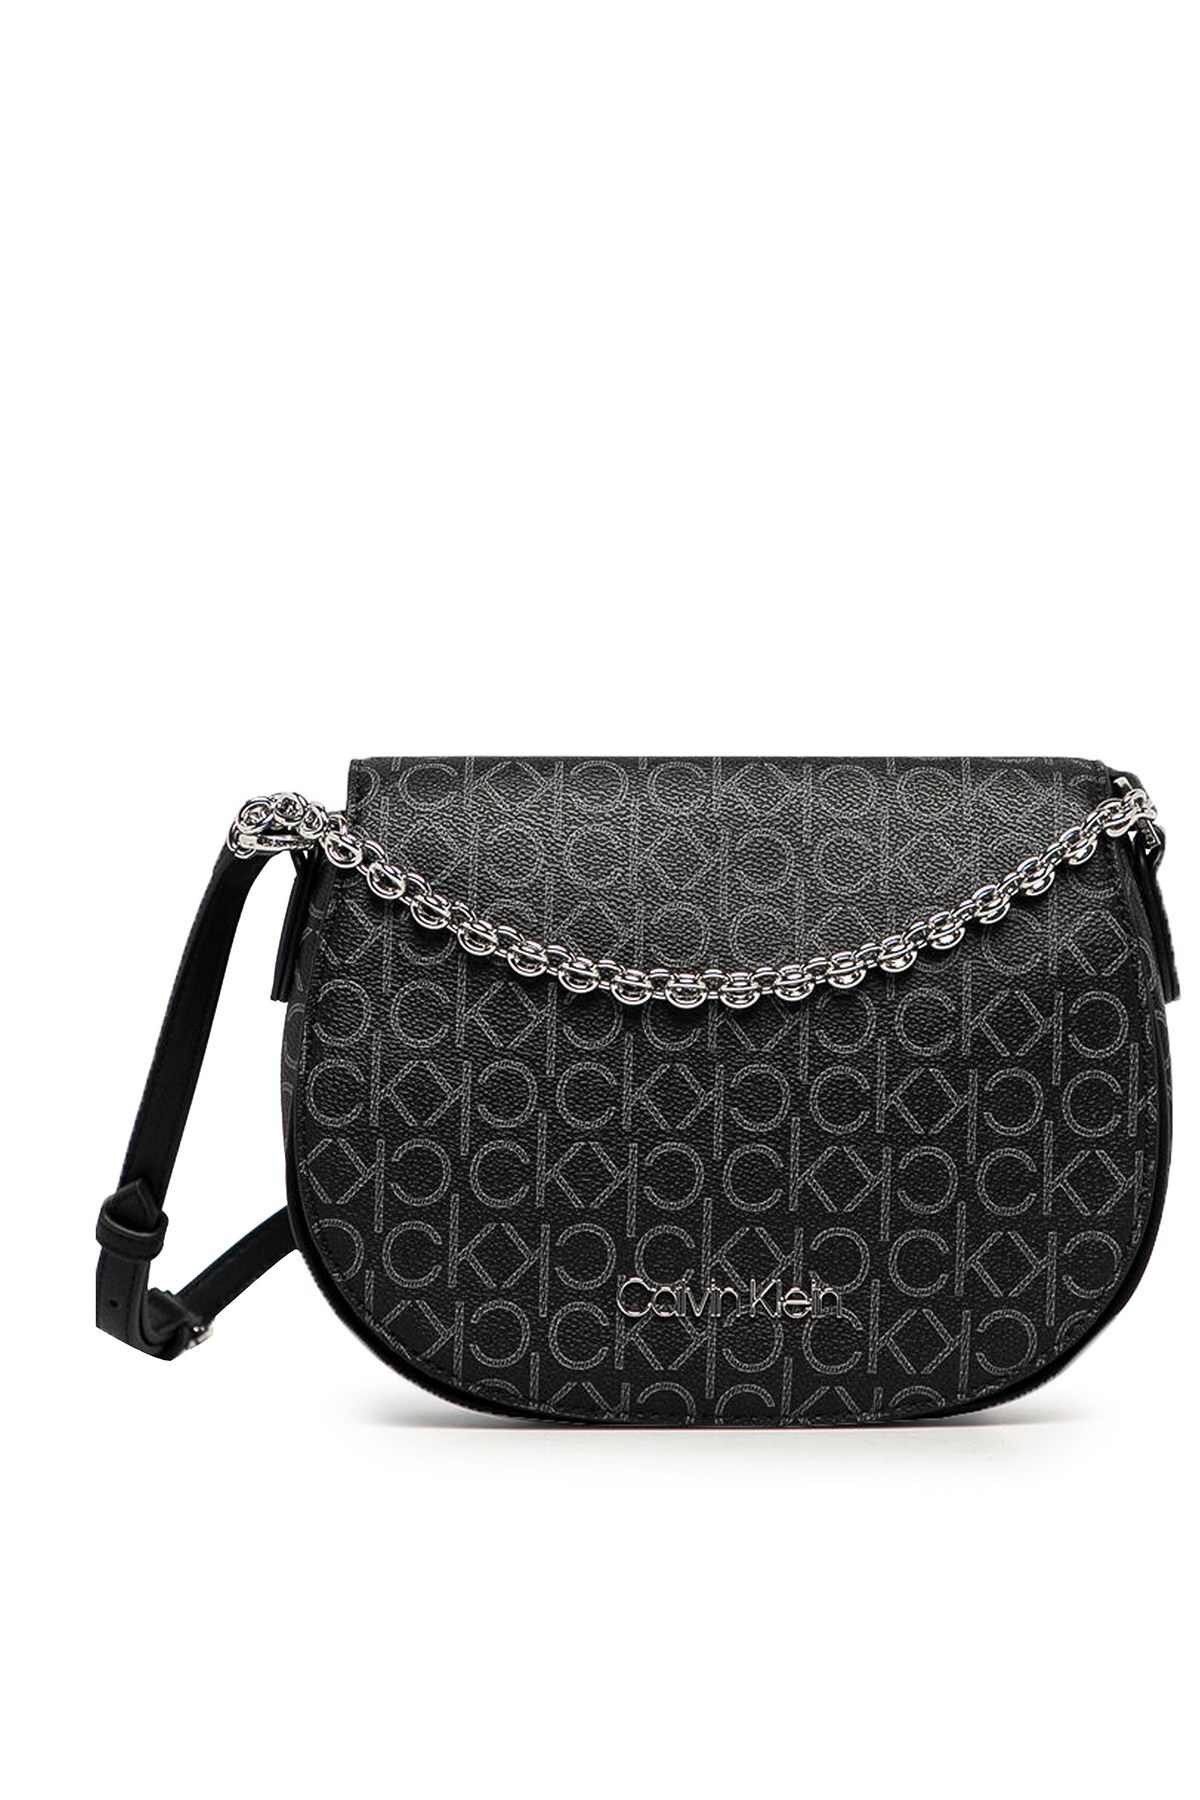 Calvin Klein Logo Baskılı Ayarlanabilir Askılı Kadın Çanta K60K607133 0GX SİYAH